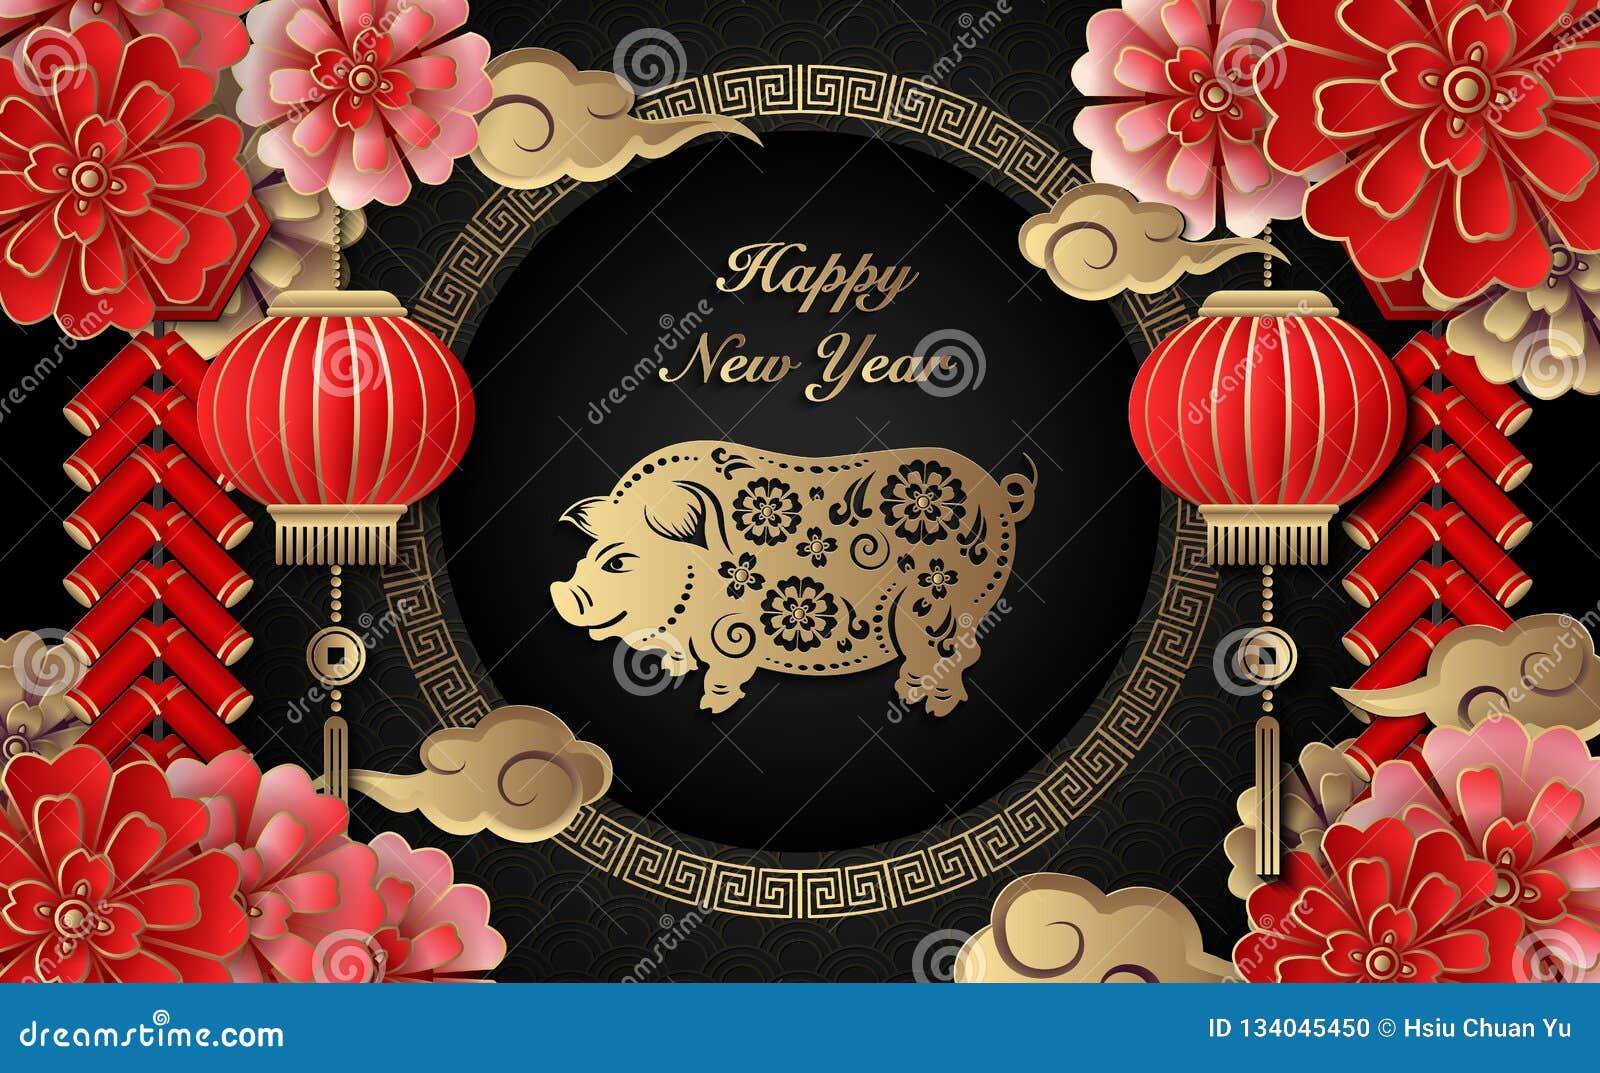 Petardos retros chinos felices de la nube del cerdo de la linterna de la flor del alivio del oro del Año Nuevo y enrejar el marco